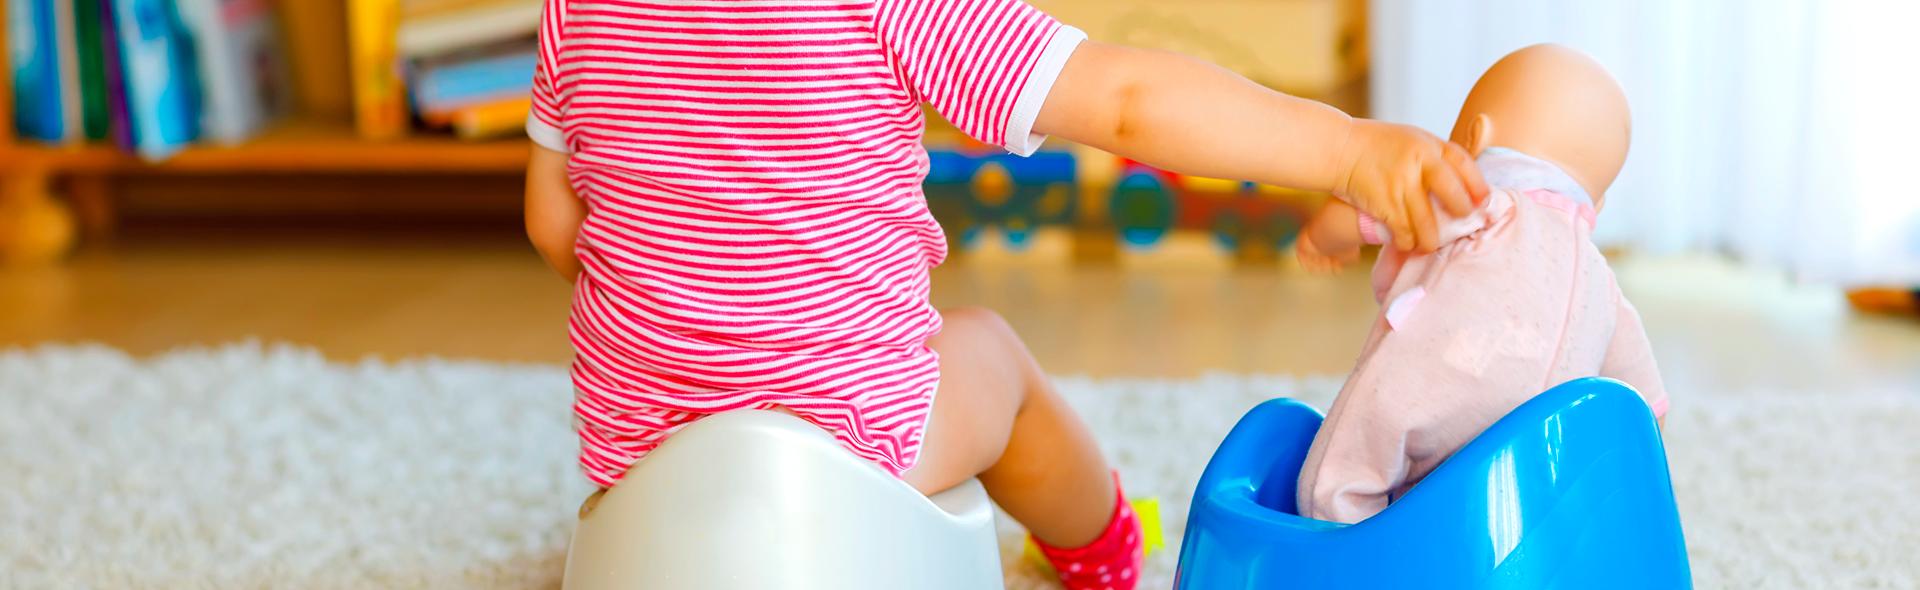 ¿Cómo elegir el bacín para tu niño?